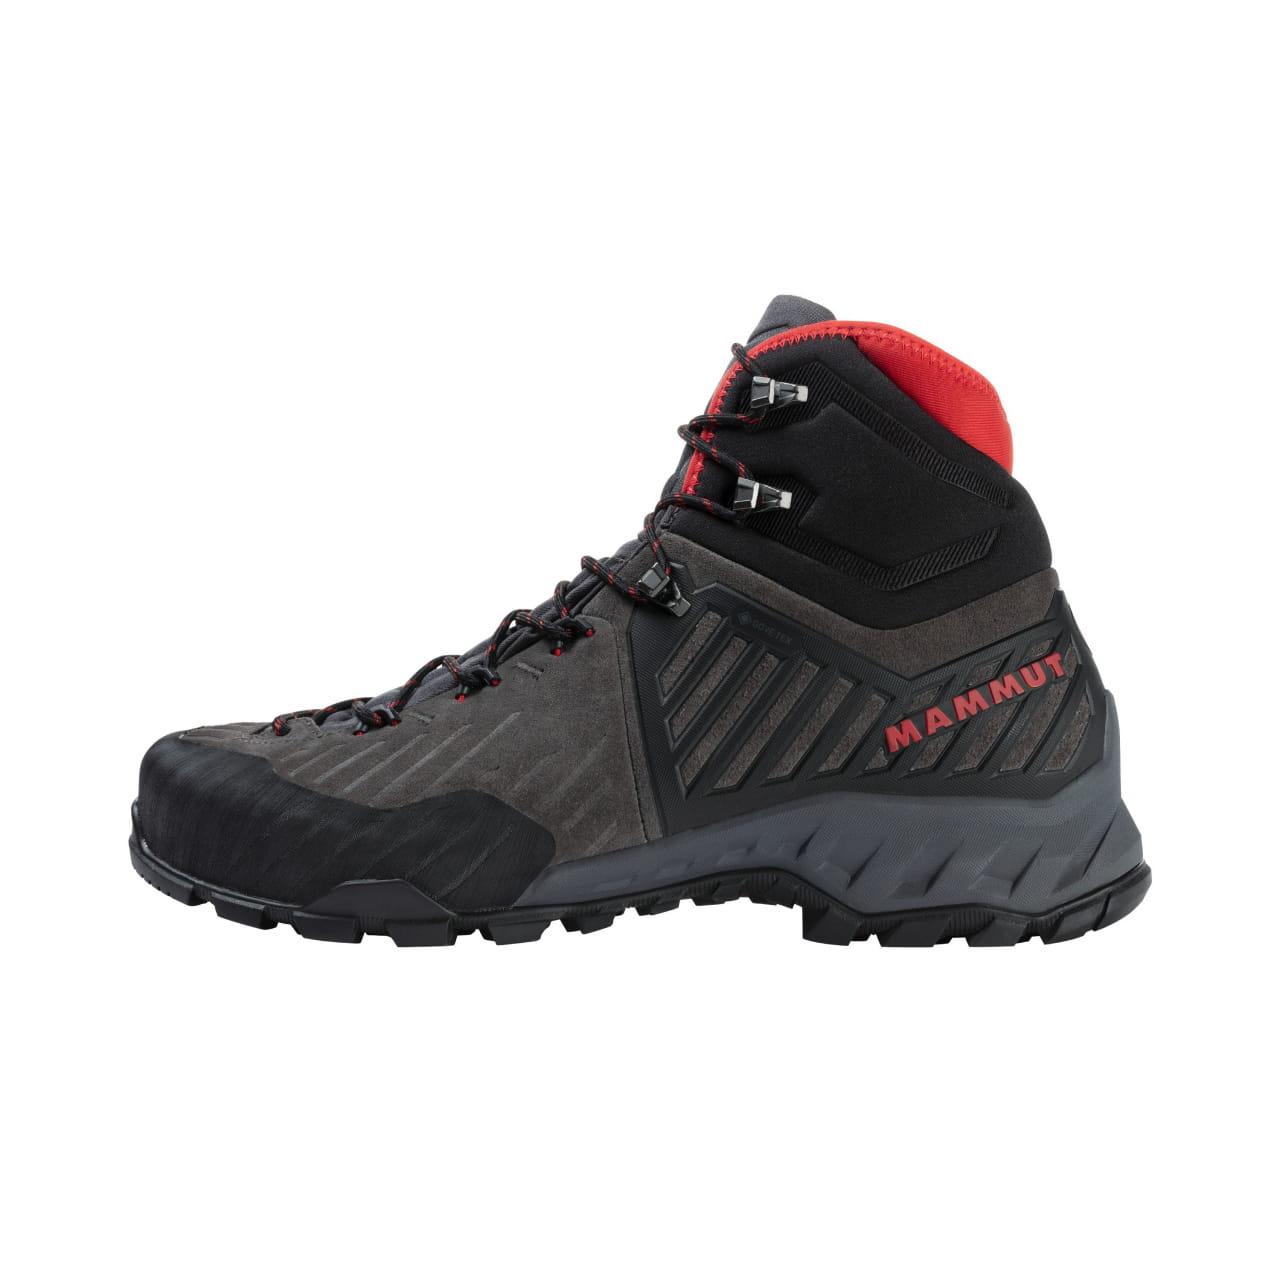 Lehká turistická bota pro přilnavost a přesnost Mammut Alnasca Pro II Mid GTX Men